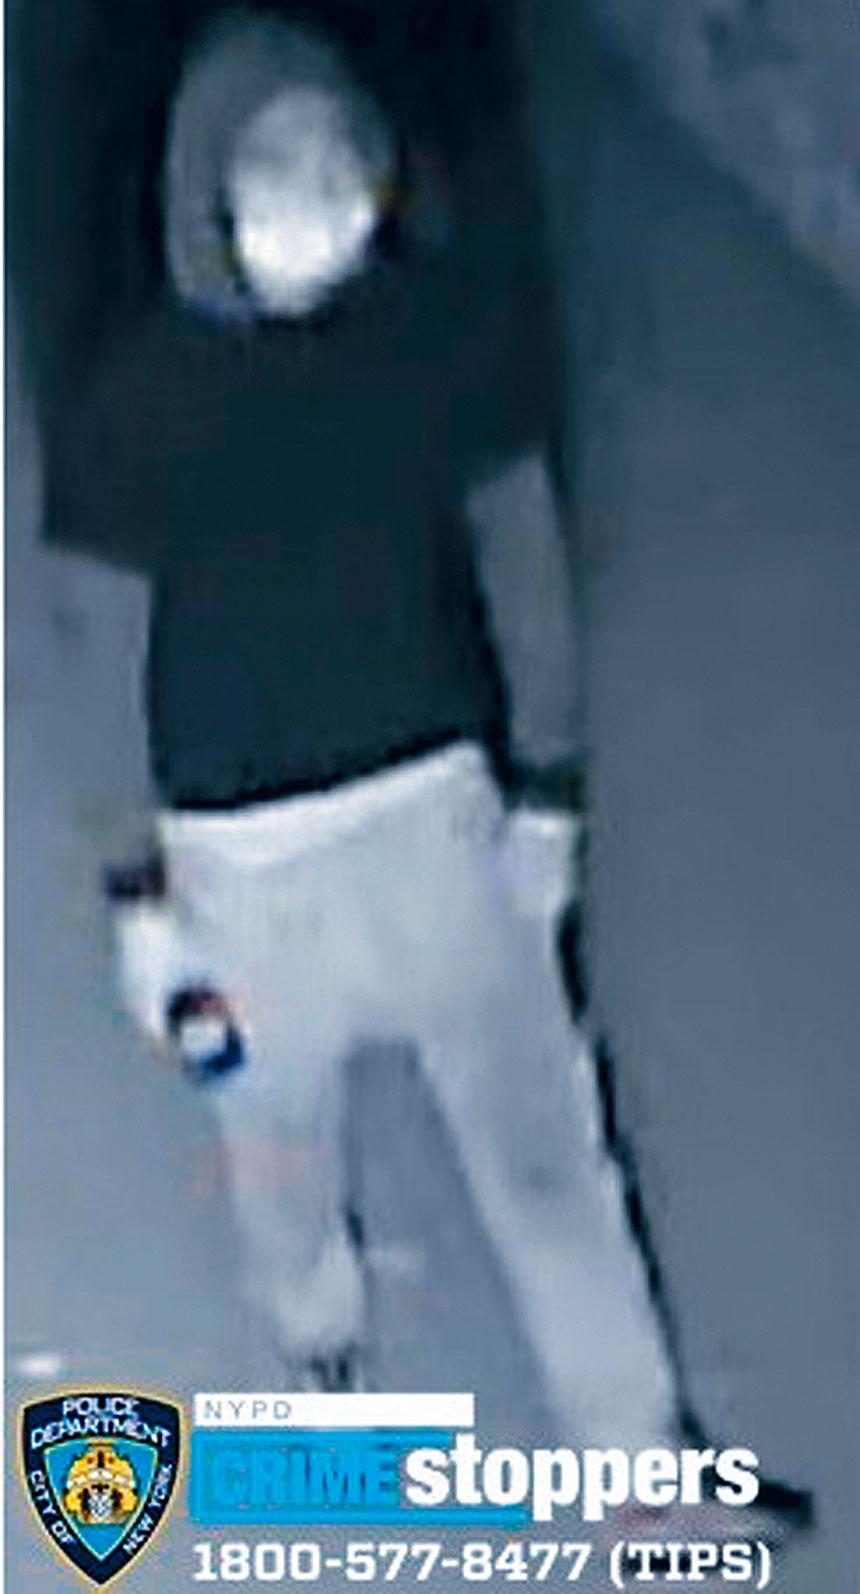 涉嫌與皇后村6宗華人外賣郎被搶劫有關連的不知身分男子。市警發片通緝